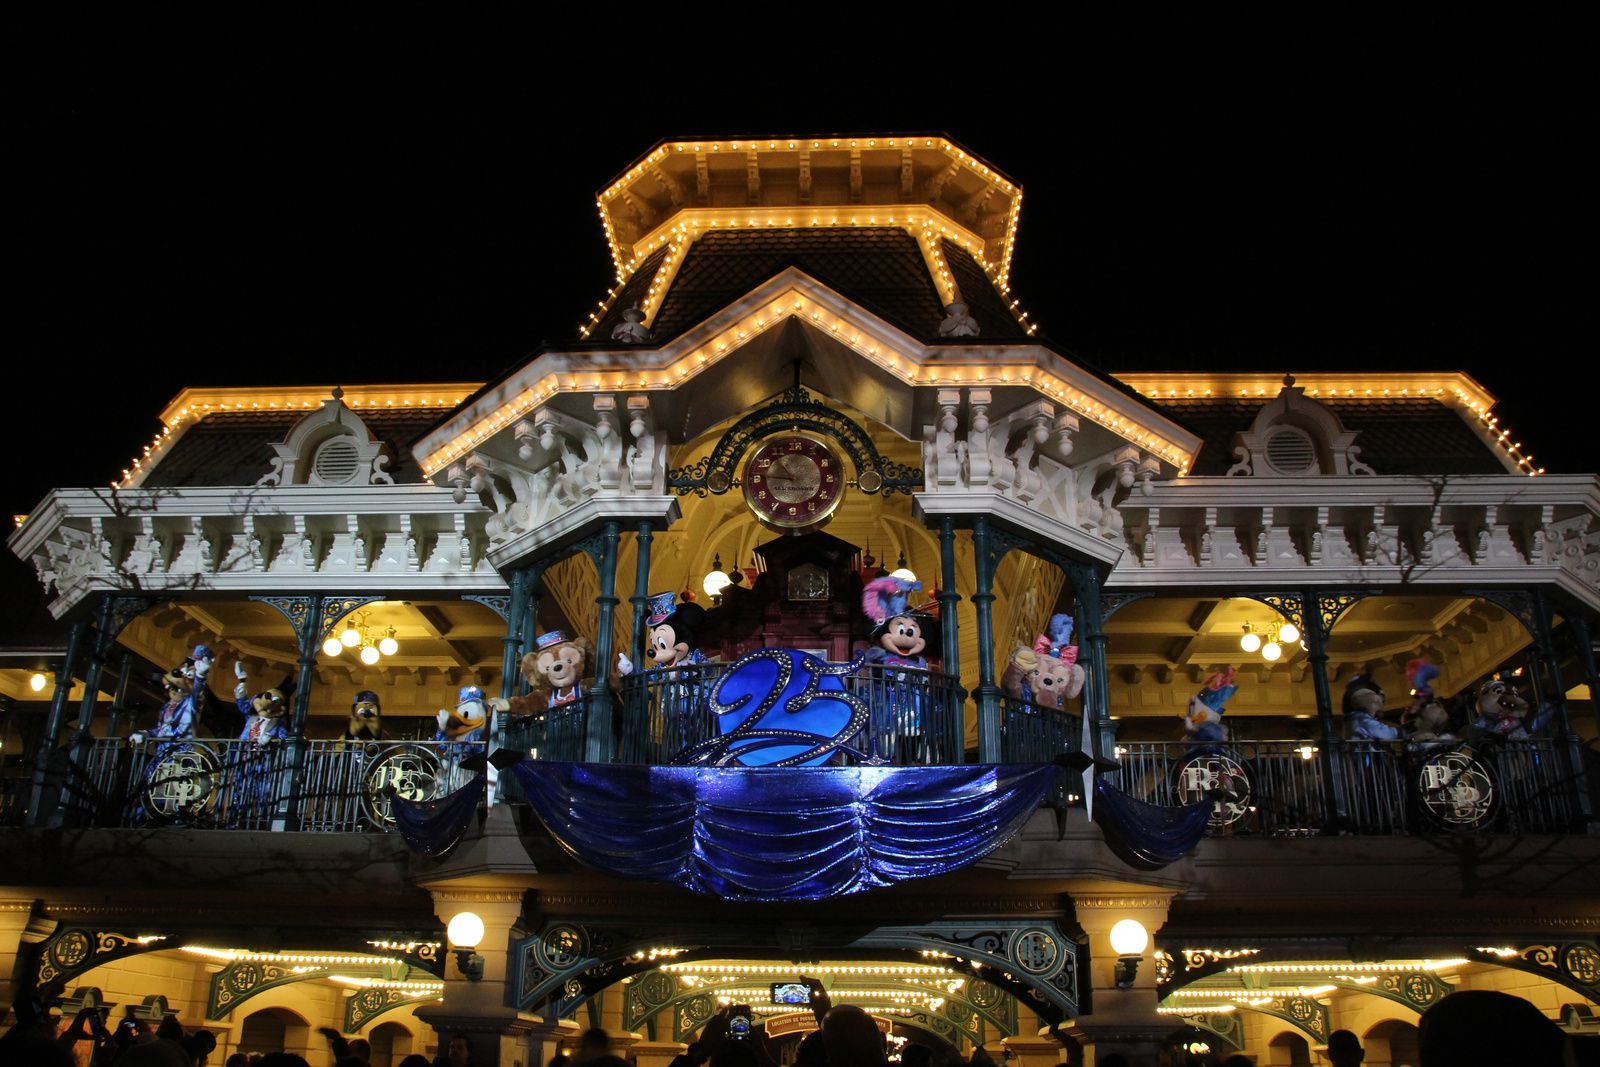 12 avril 2017 : les 25 ans de Disneyland Paris !